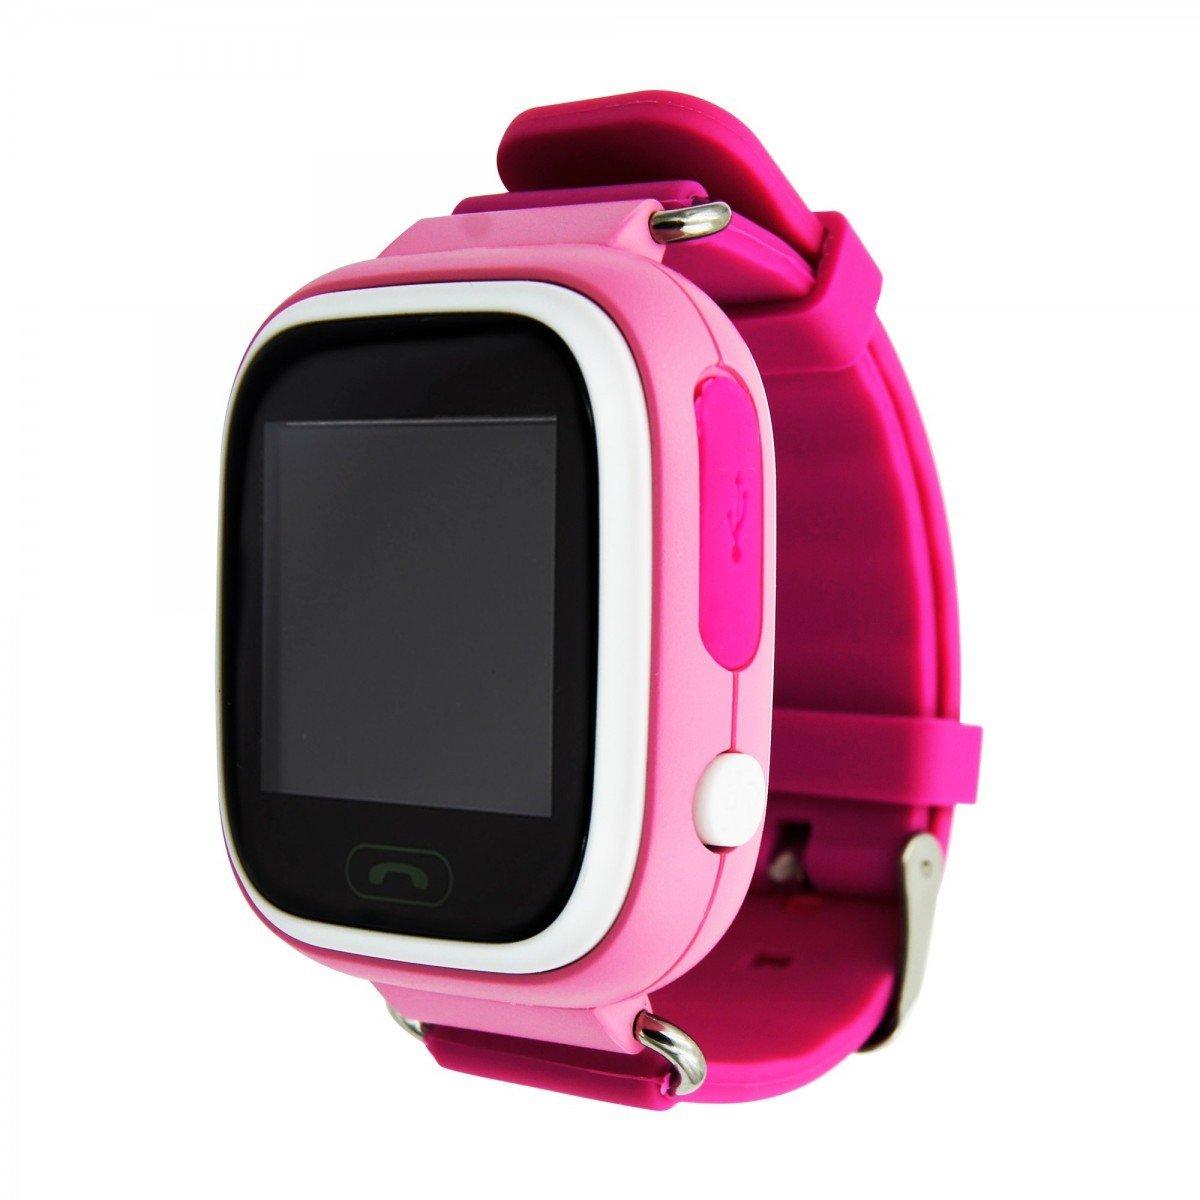 Общие параметры тип умные часы детские процессор экран диагональ 1.